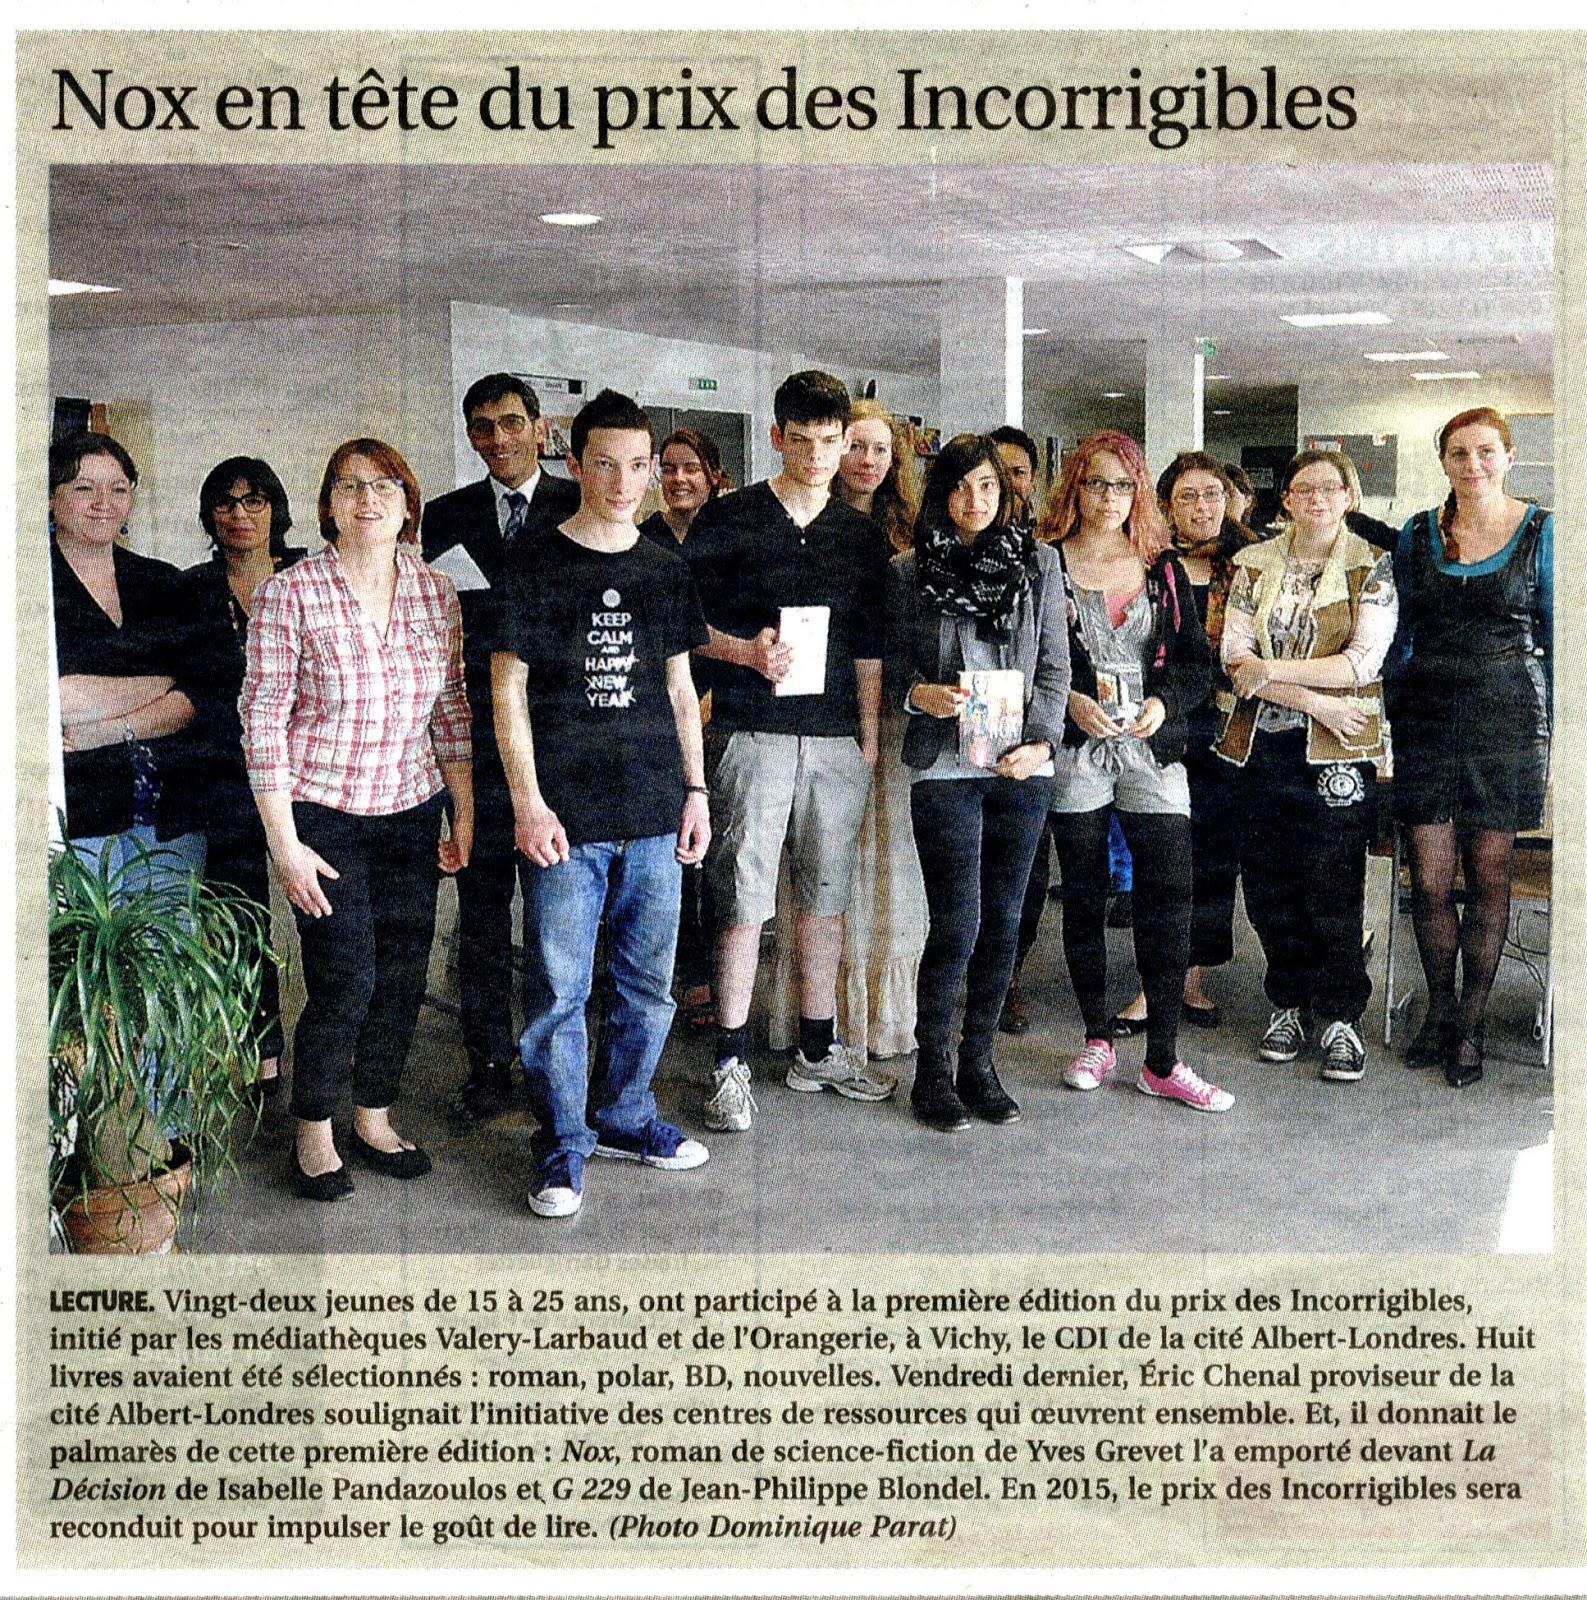 Remise du lauréat de la première édition du prix des Incorrigibles 2013-2014